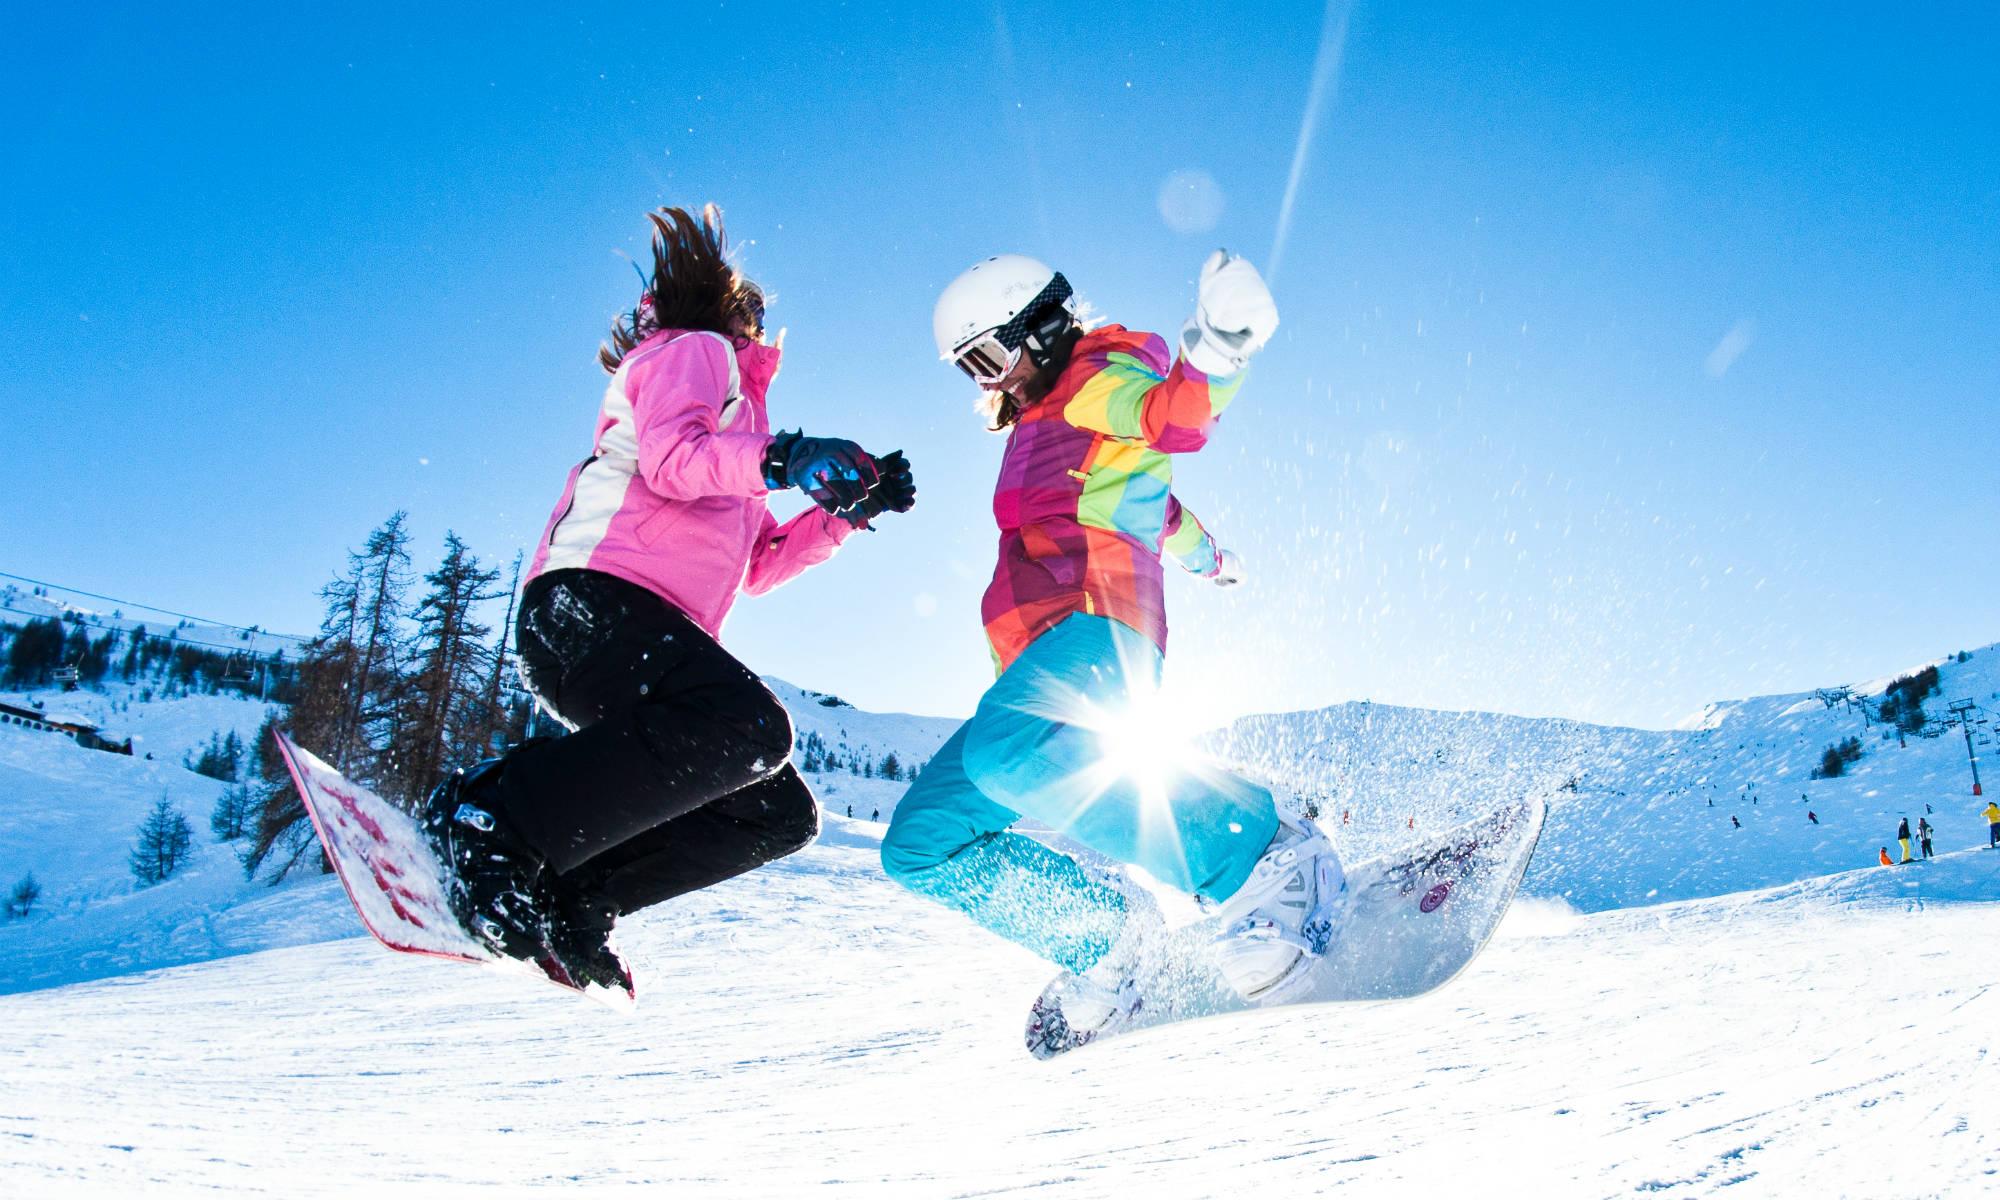 2 giovani sullo snowboard saltano assieme sulla neve.